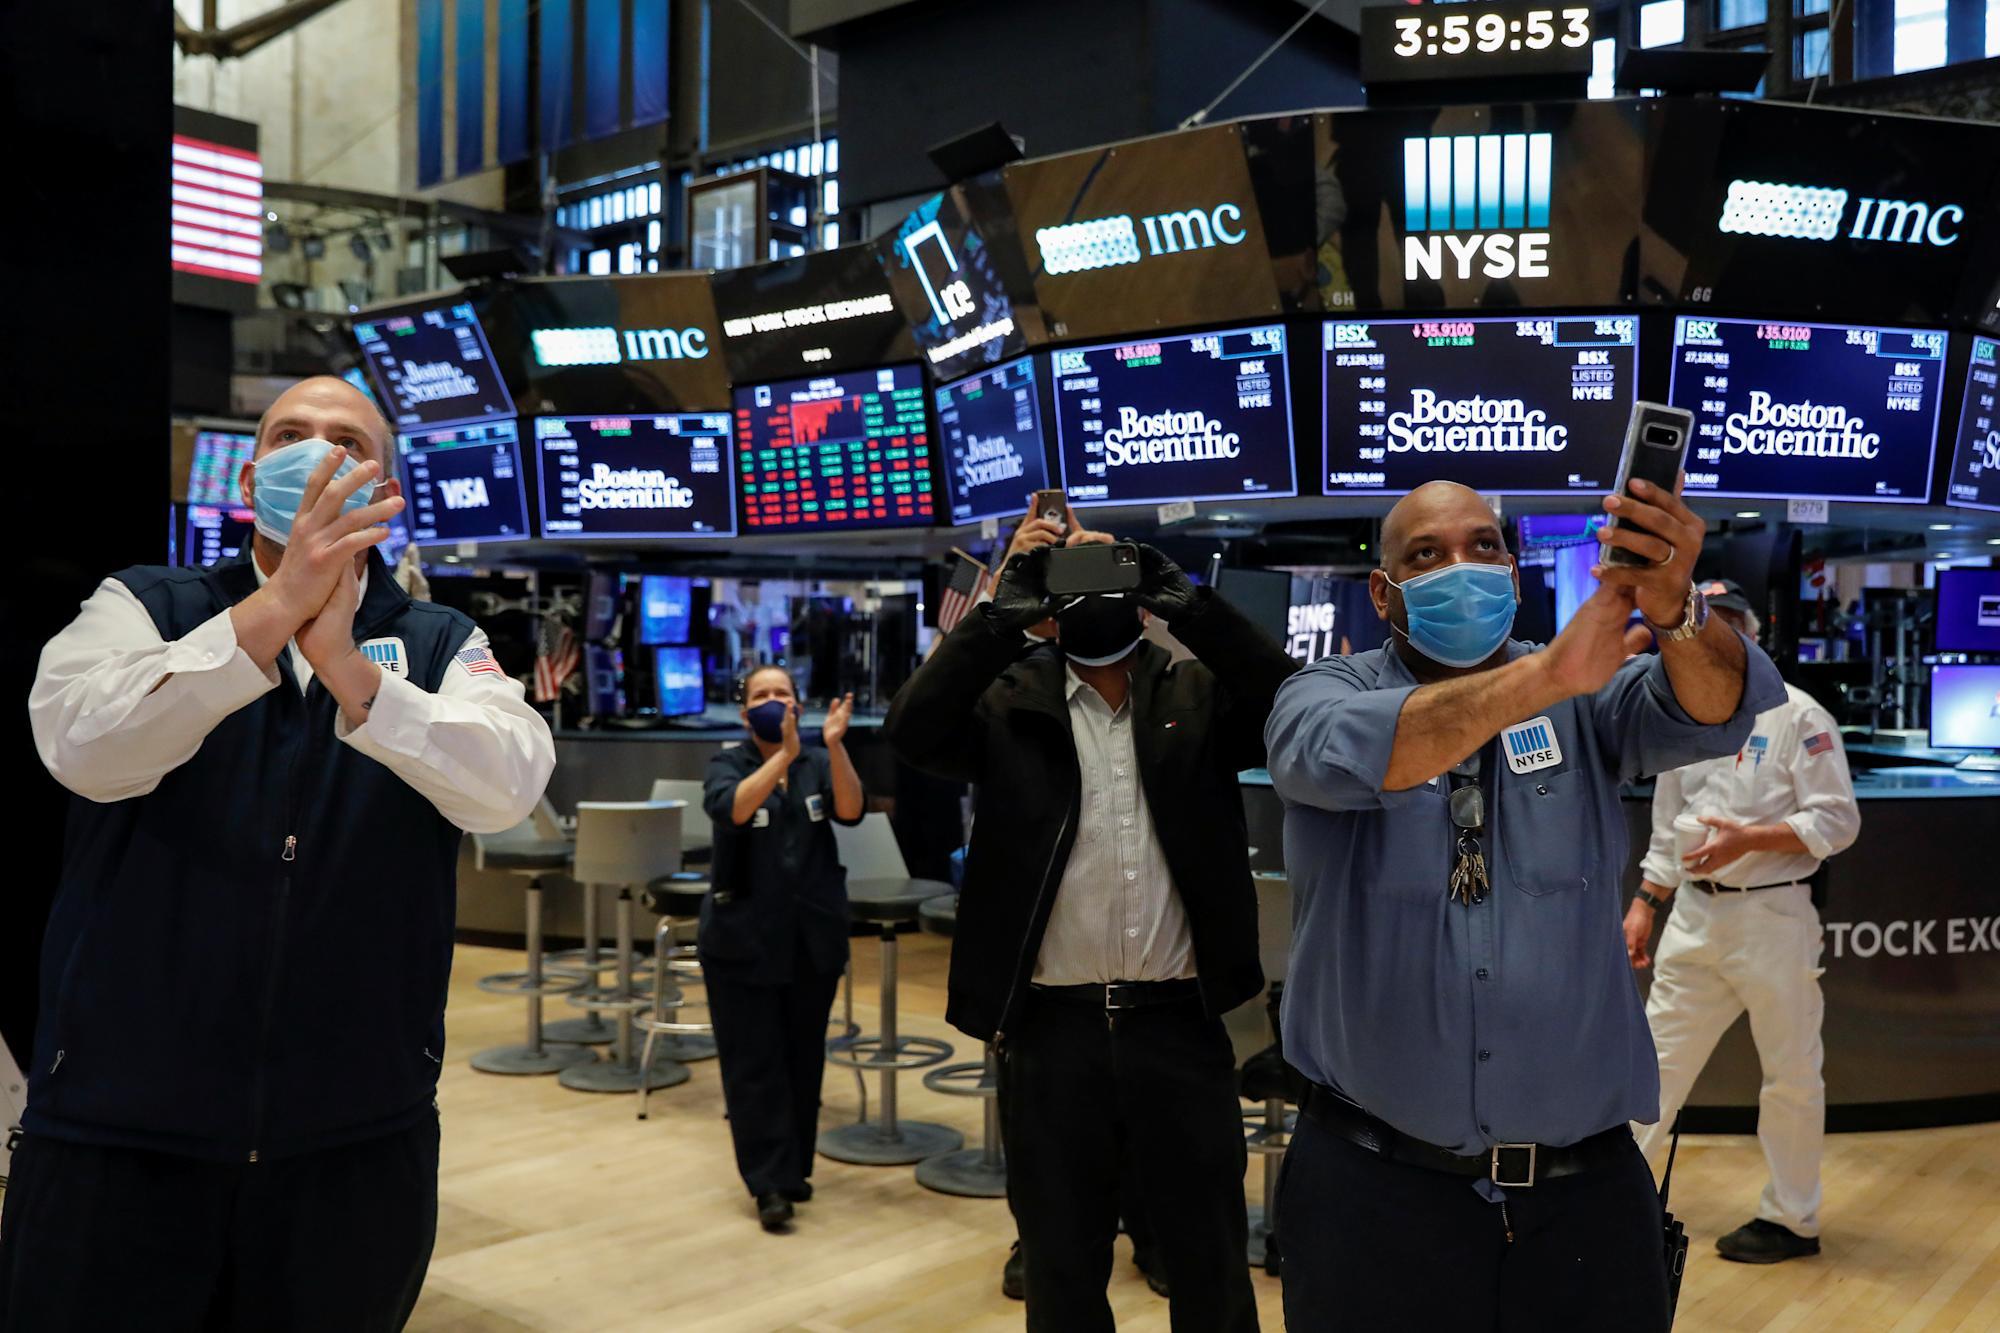 Aandelen winnen nu Wall Street de zorgen over inflatie probeert te overwinnen